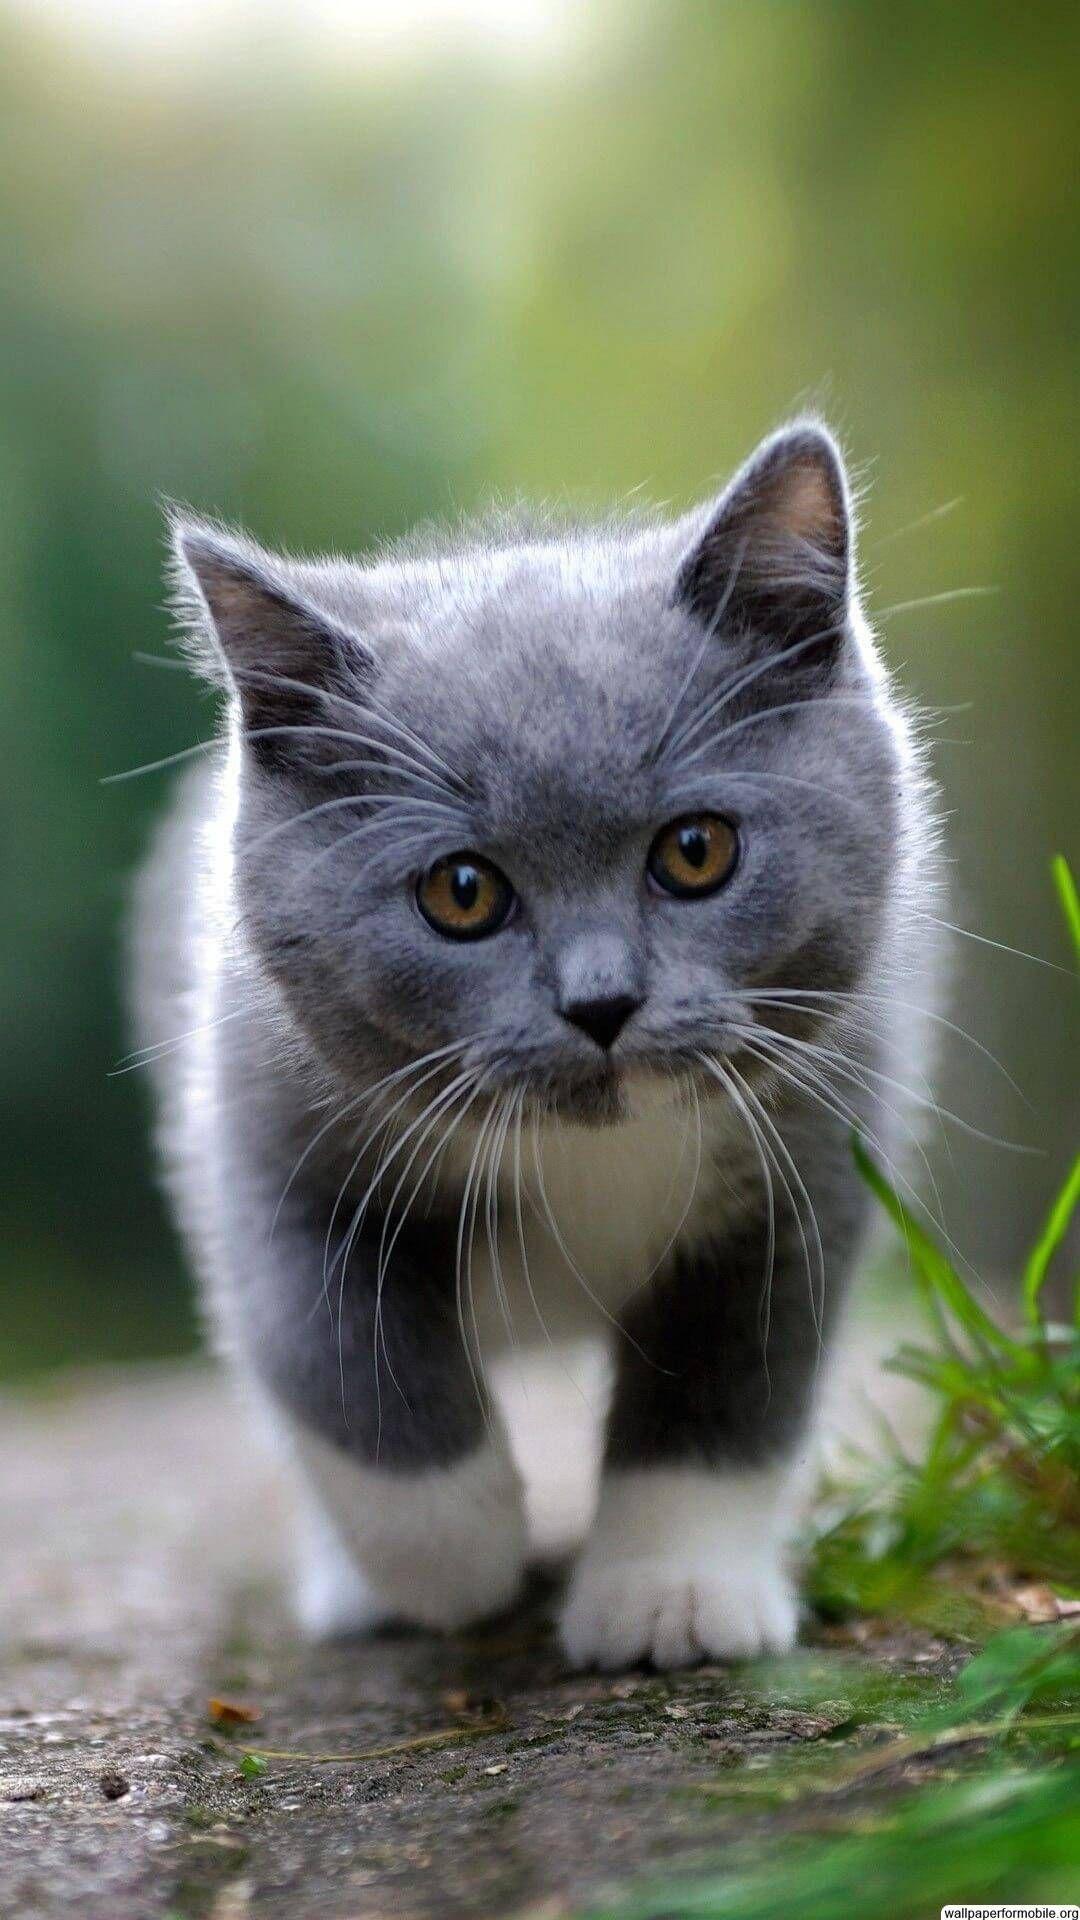 Wallpaperformobileorg 12224 Cute Cat Wallpaper Free Download